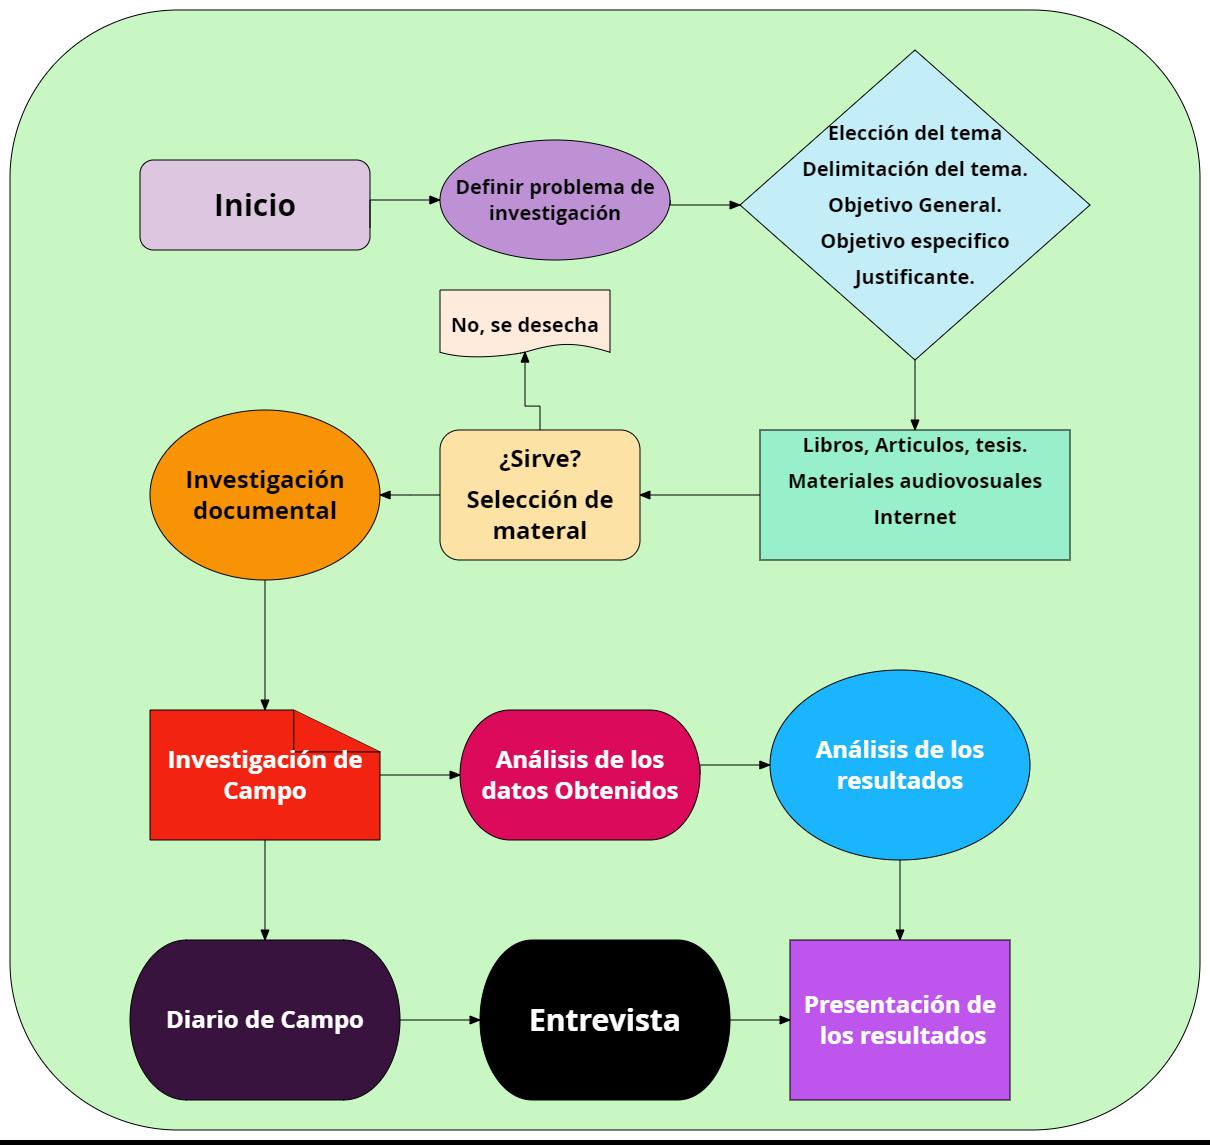 Mis Tareas UnADM: Esquemas, mapas conceptuales o diagramas. Flujograma.